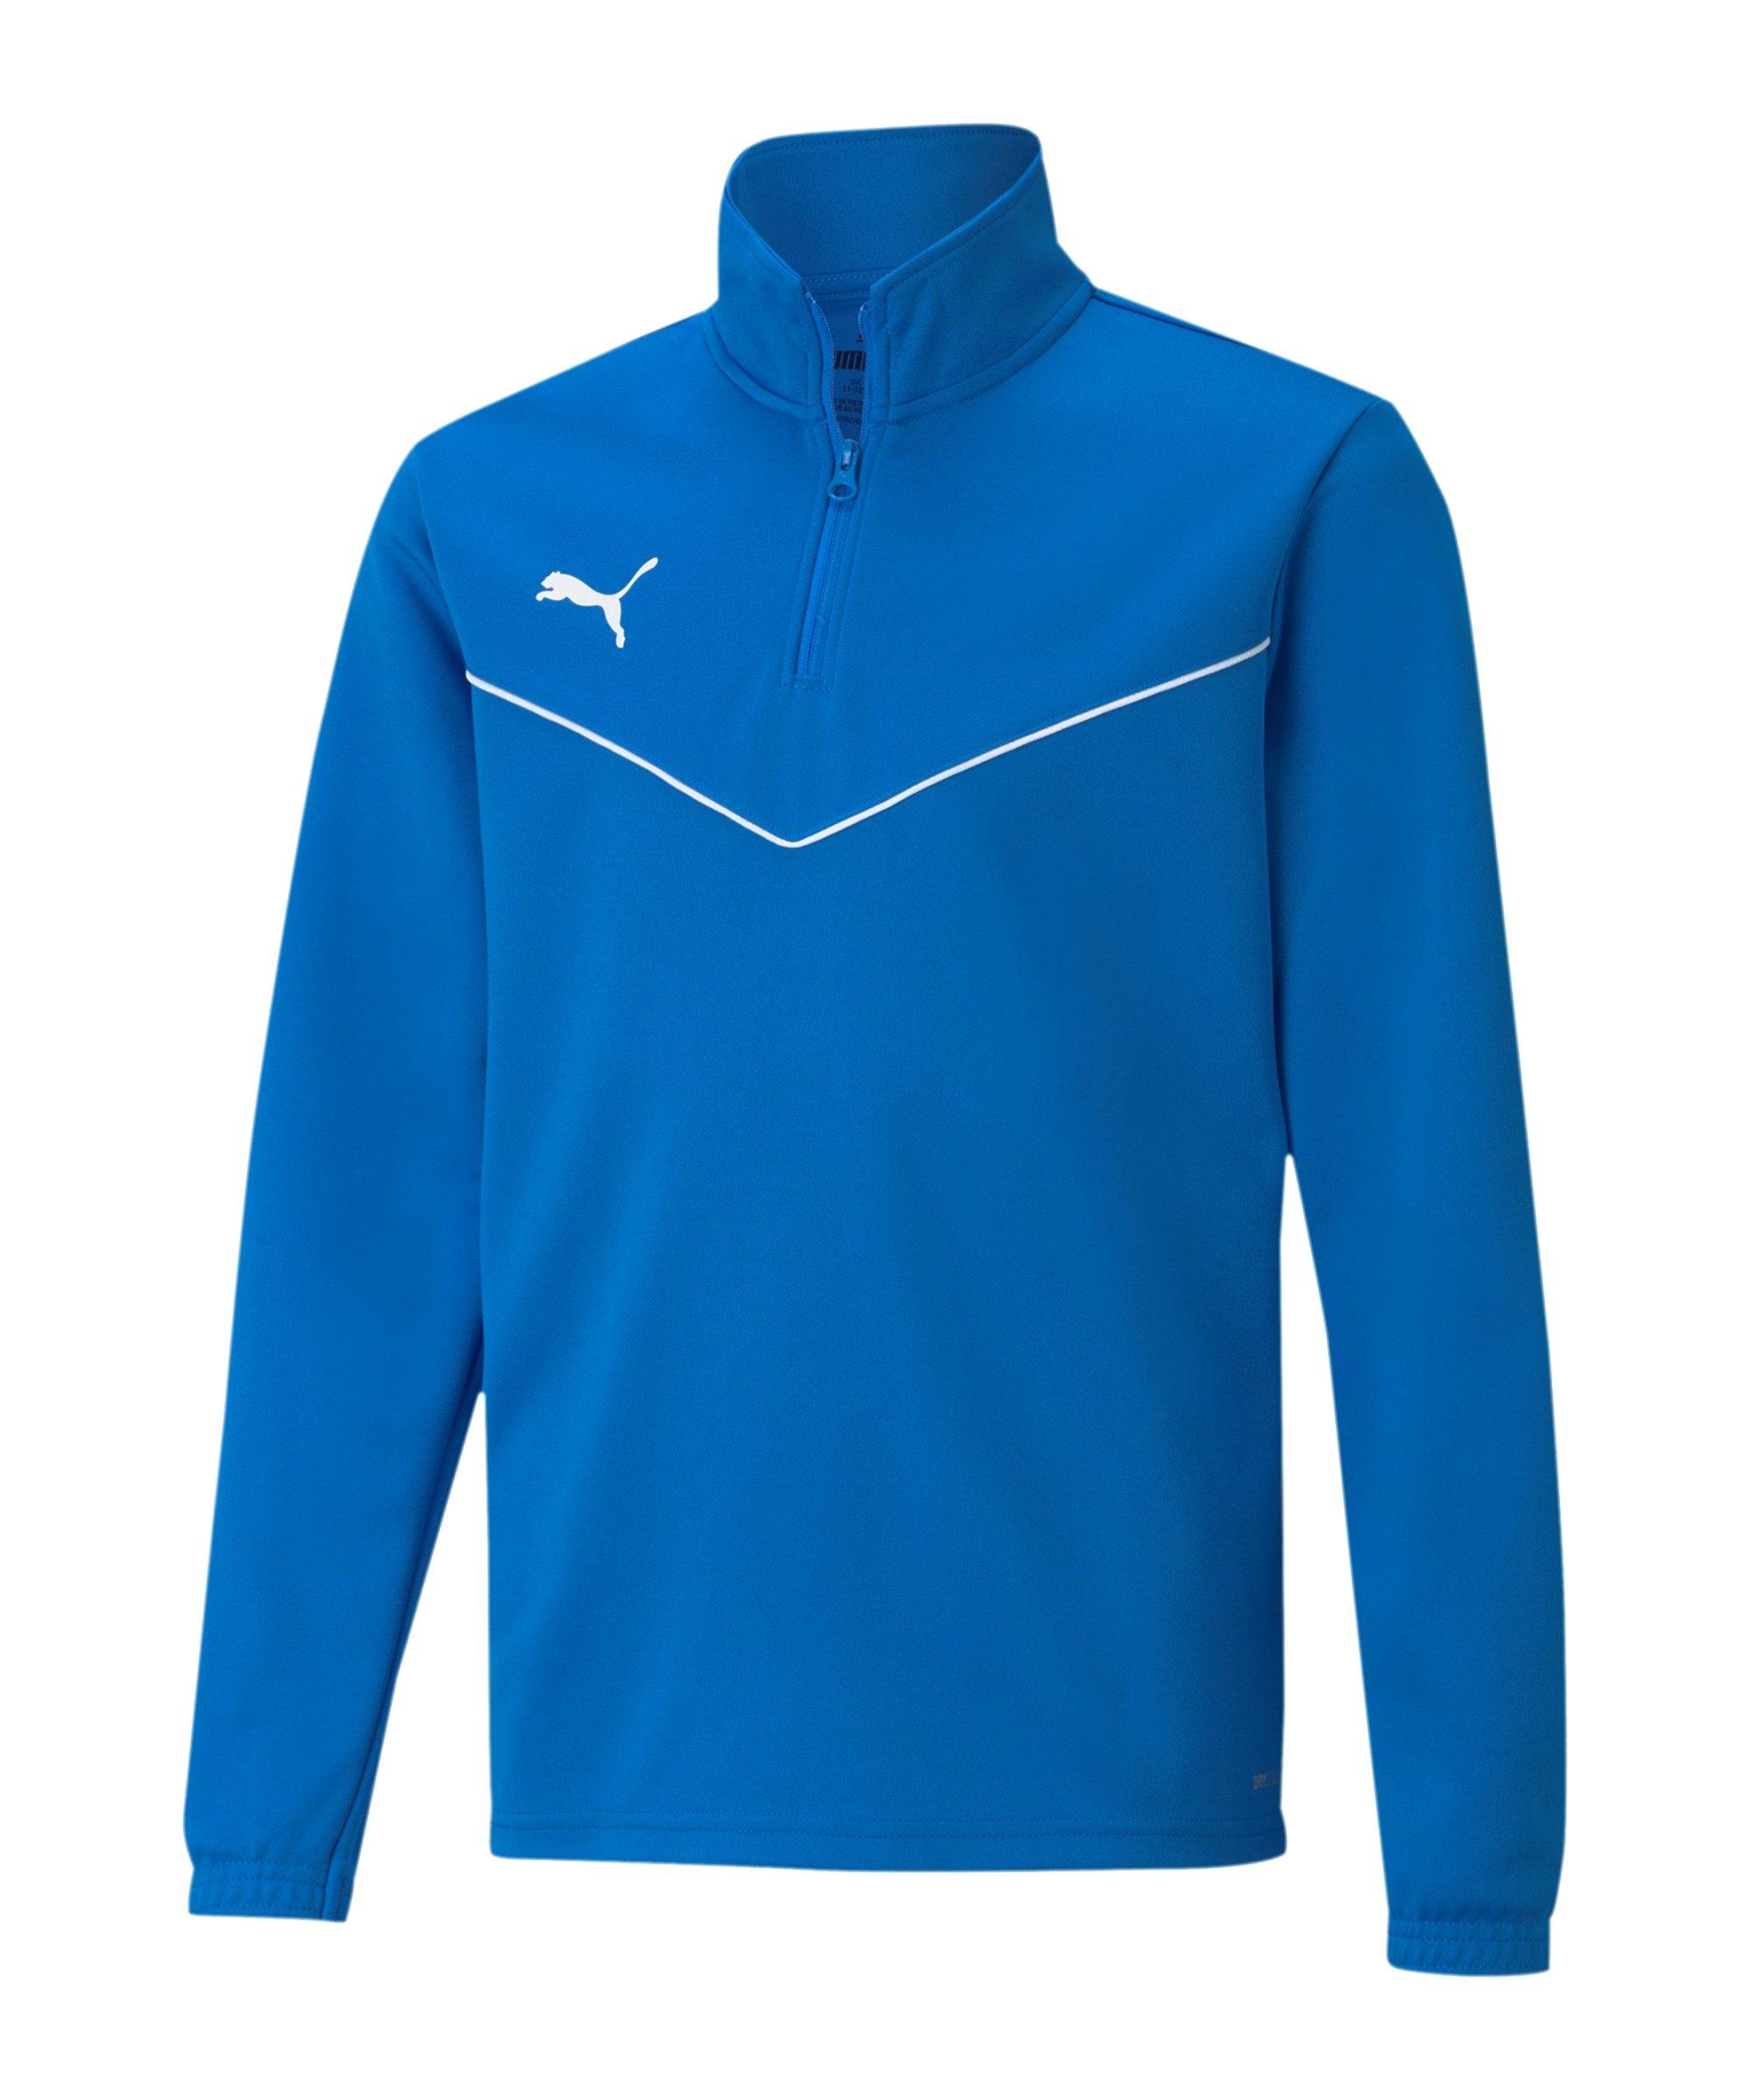 PUMA teamRISE HalfZip Sweatshirt Kids Blau F02 - blau